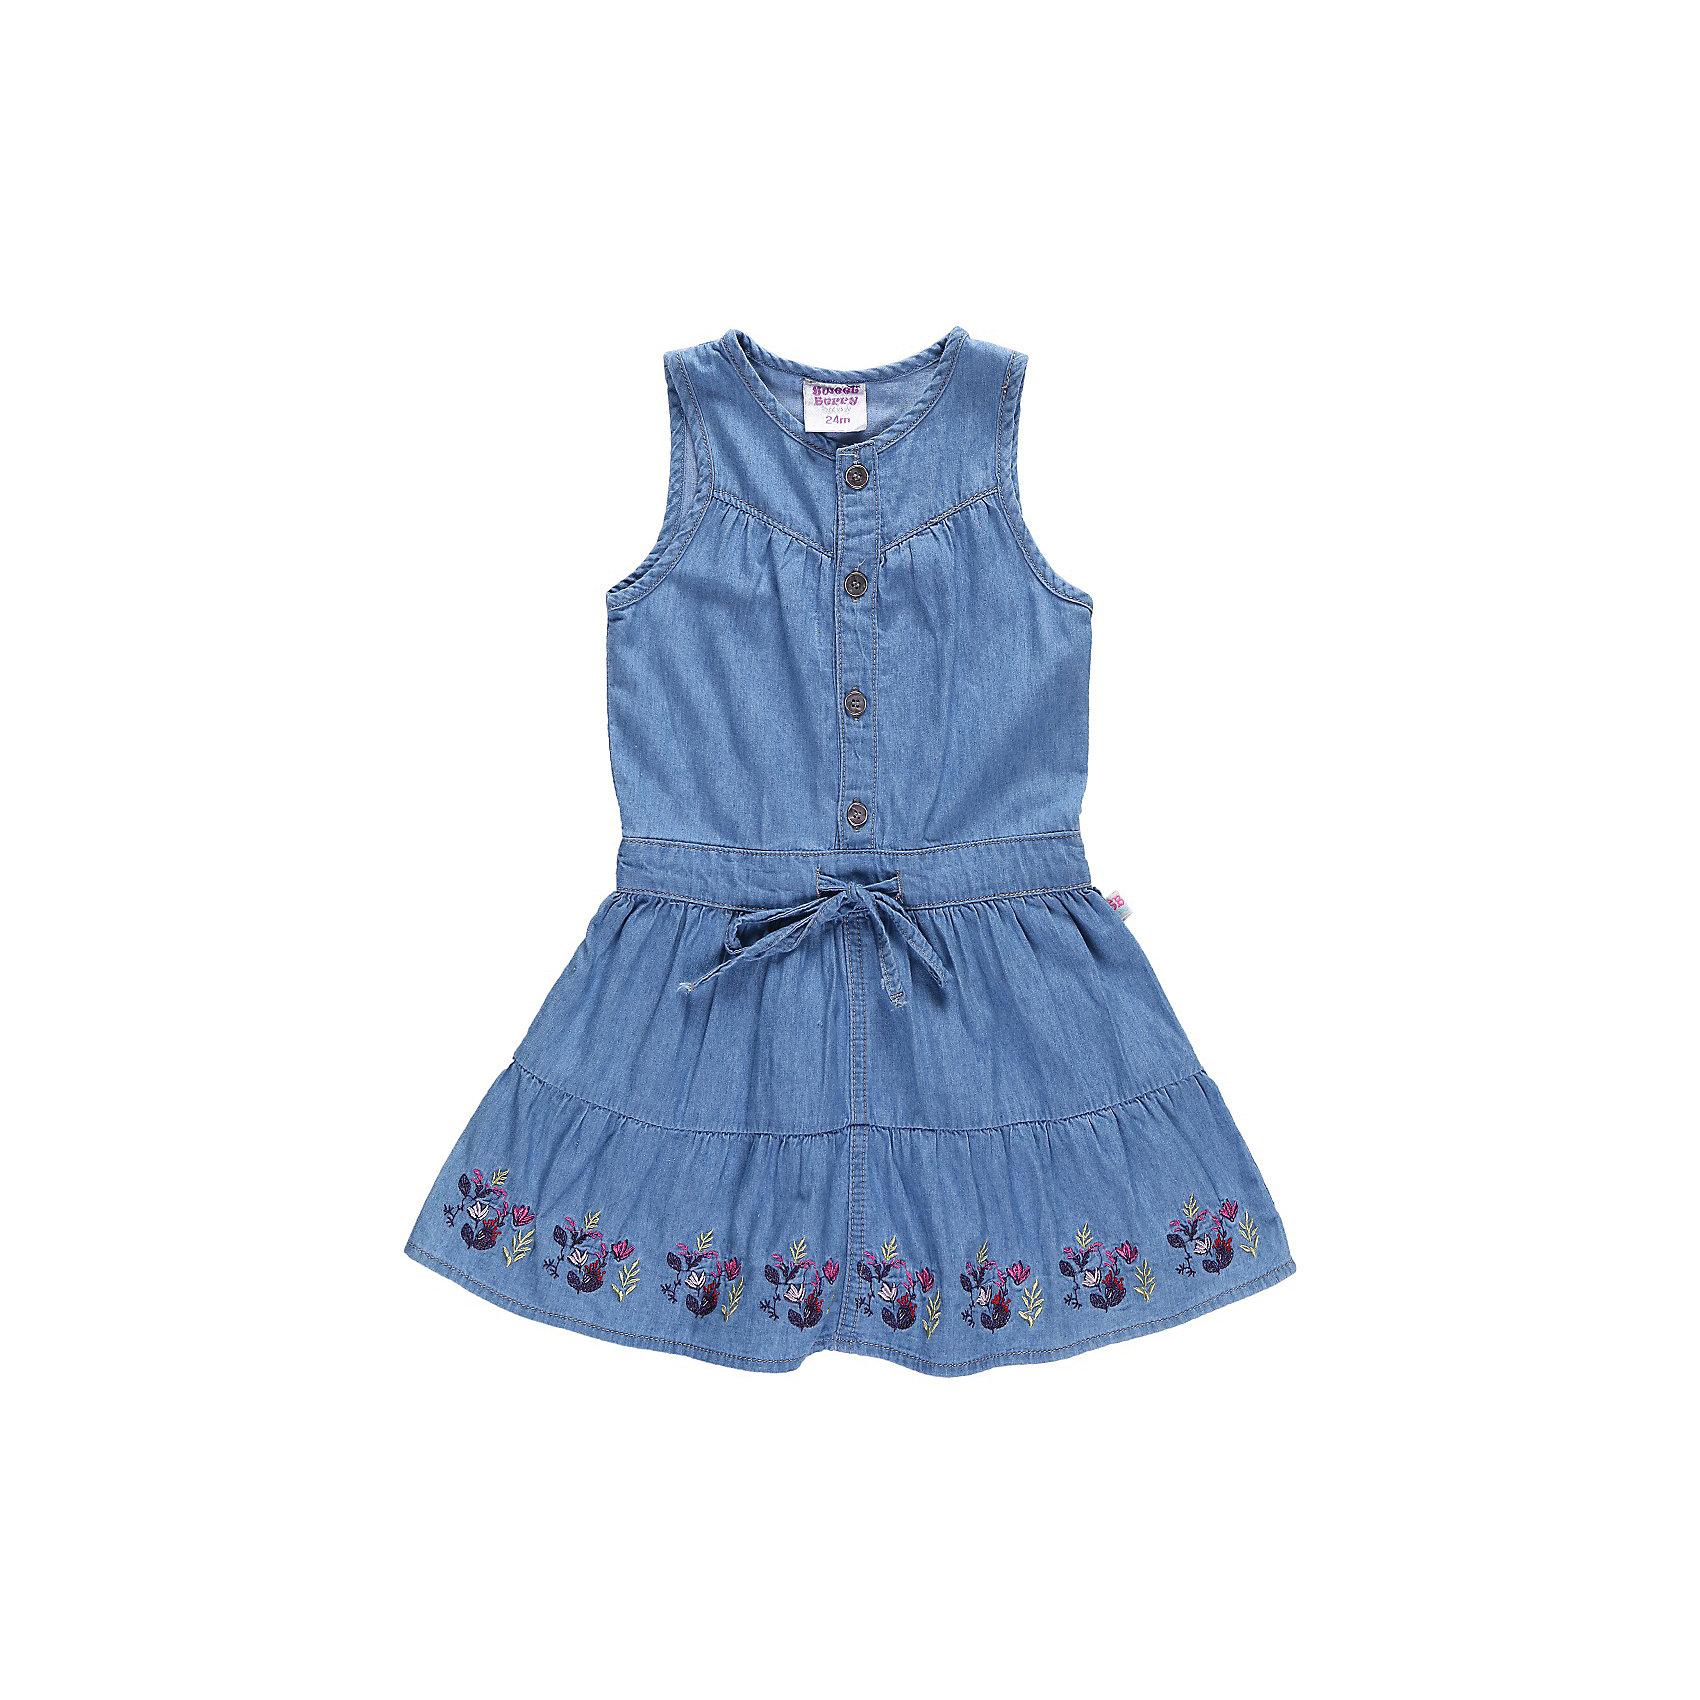 Платье джинсовое для девочки Sweet BerryДжинсовая одежда<br>Платье из тонкой джинсы на кнопках.<br>Состав:<br>100% хлопок<br><br>Ширина мм: 236<br>Глубина мм: 16<br>Высота мм: 184<br>Вес г: 177<br>Цвет: синий<br>Возраст от месяцев: 18<br>Возраст до месяцев: 24<br>Пол: Женский<br>Возраст: Детский<br>Размер: 92,80,98,86<br>SKU: 4520440